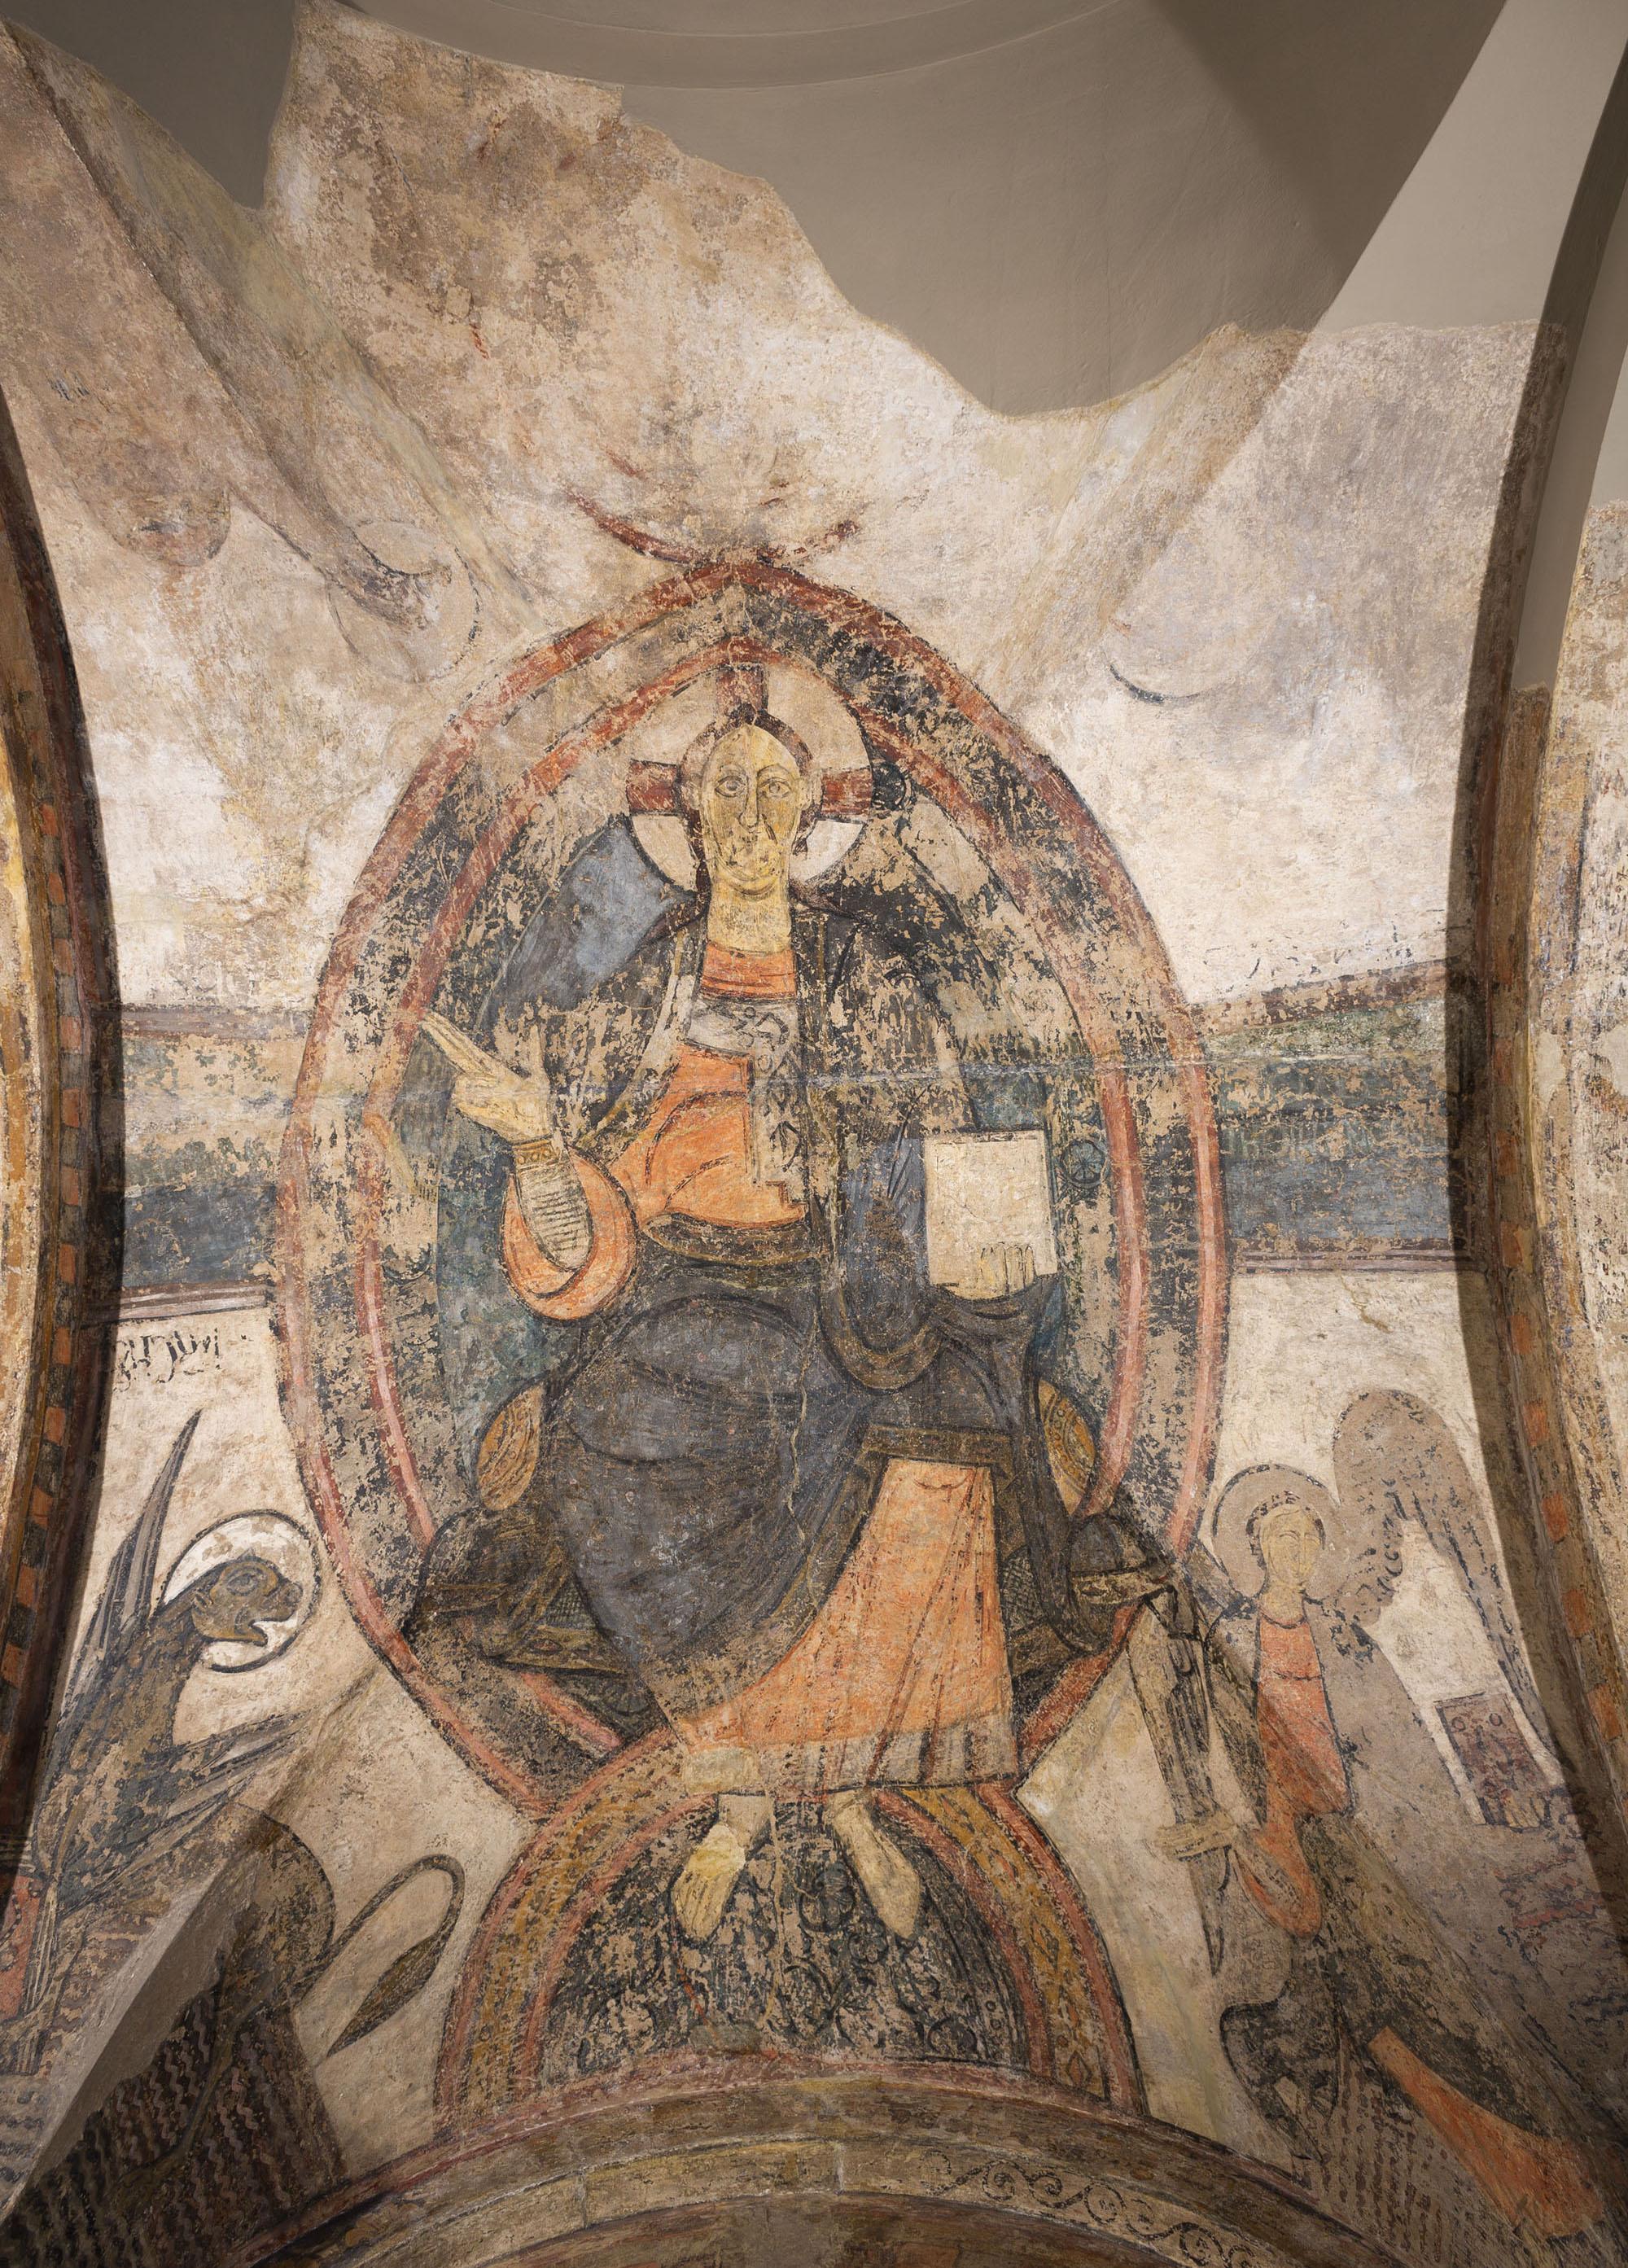 Anònim. Catalunya - Maiestas Domini i Tetramorf de Cardona - Cap a 1200